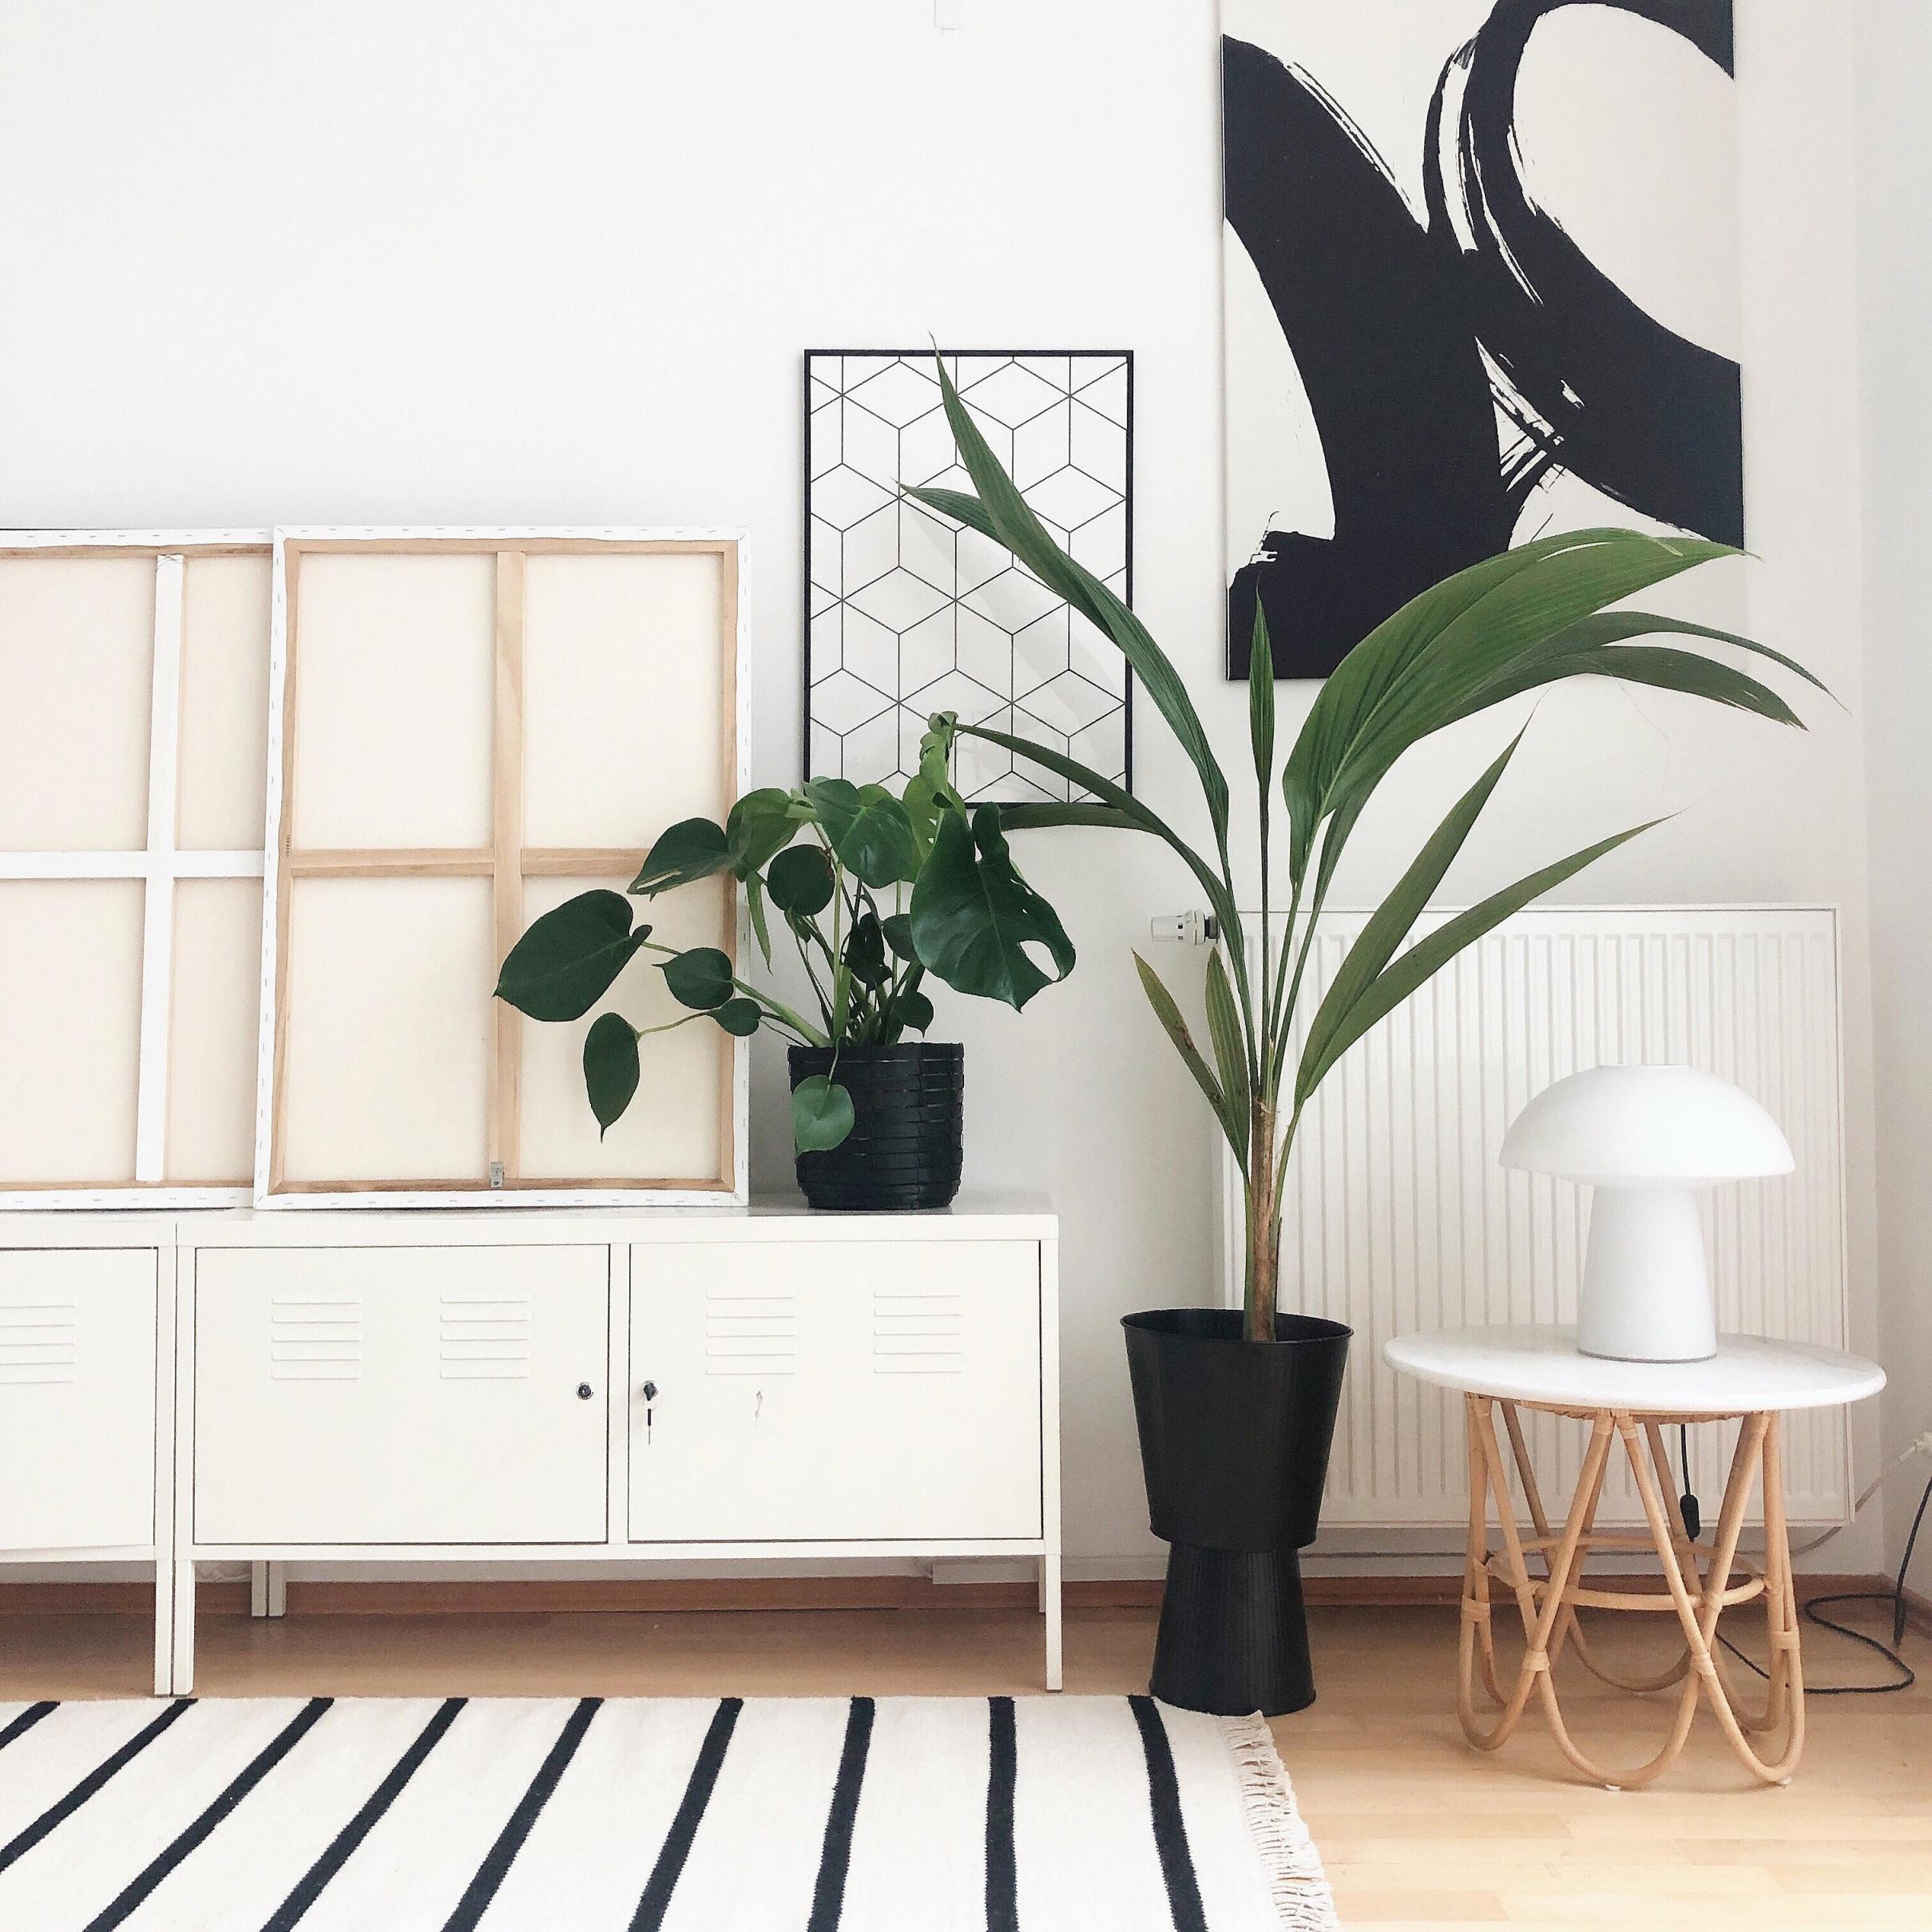 Pflanzendeko • Bilder  Ideen • Couch von Wohnzimmer Pflanzen Deko Bild